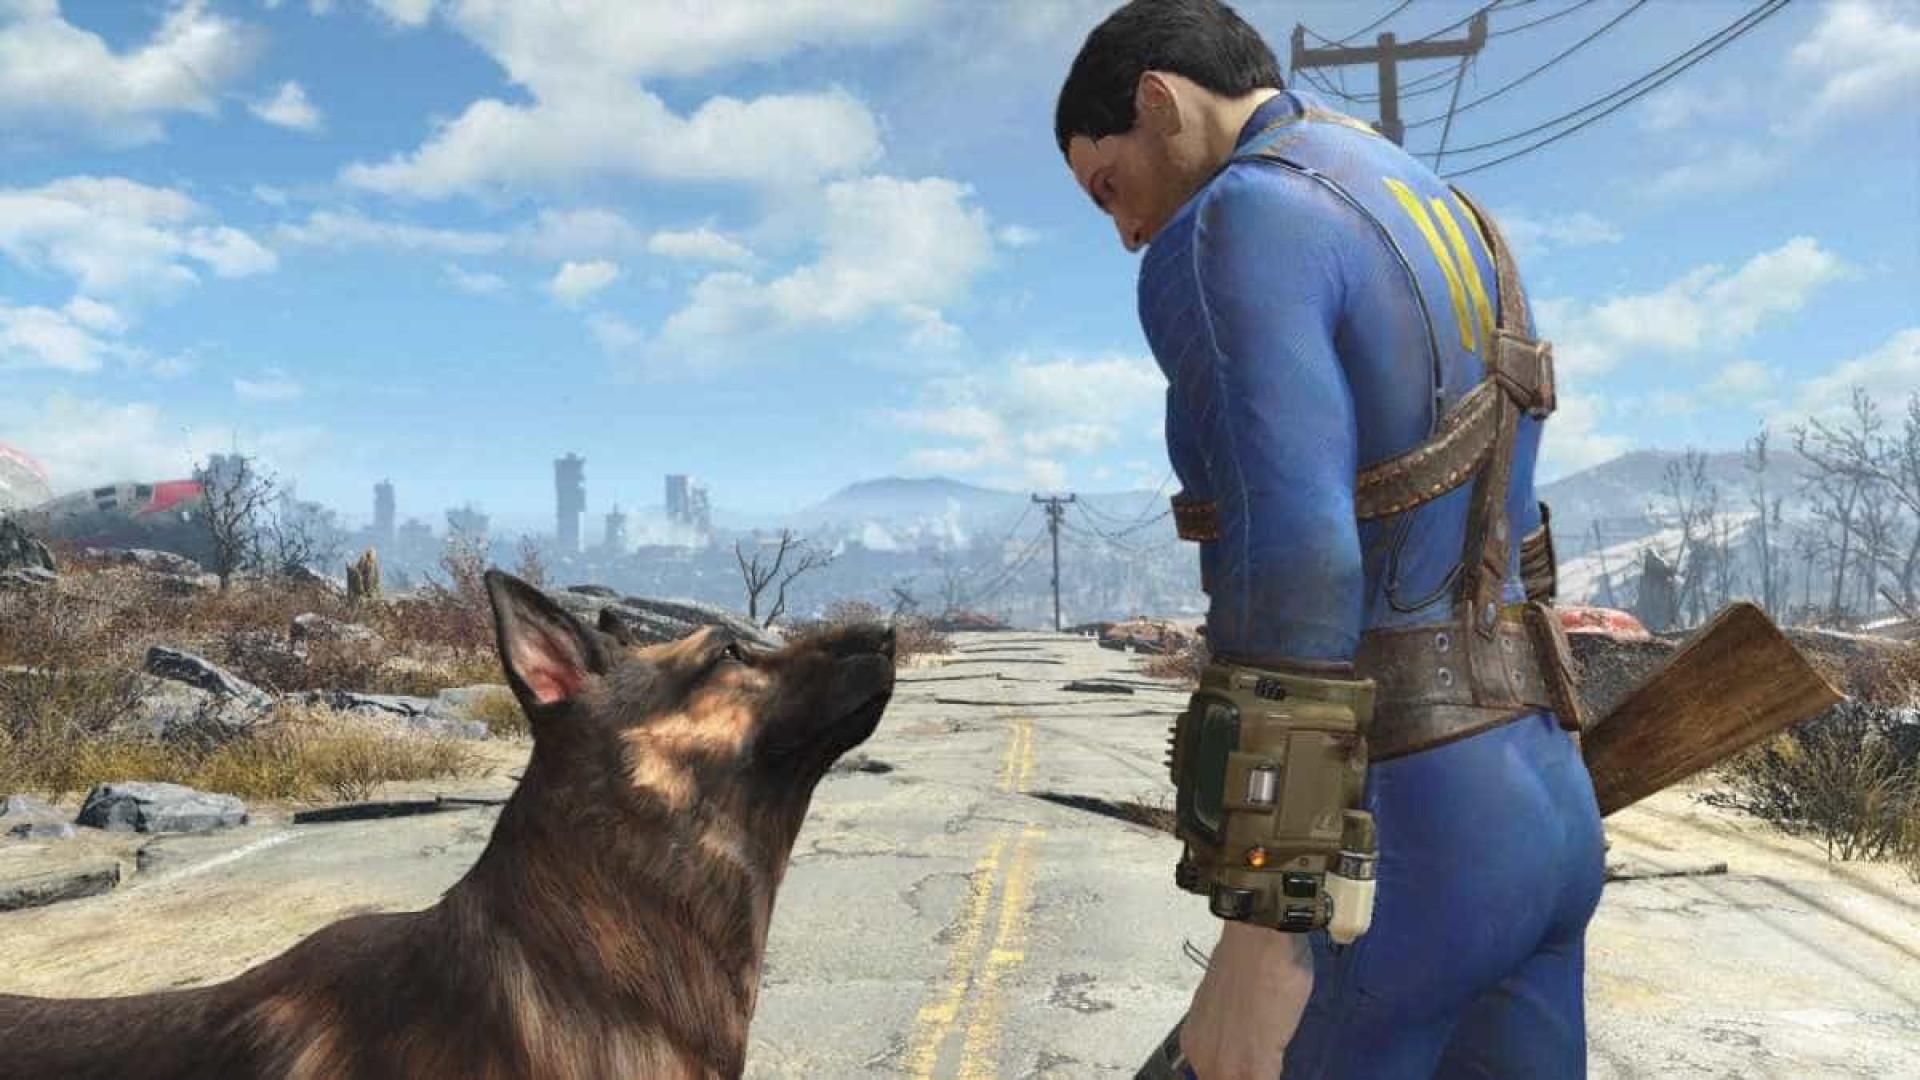 Edição Game of the Year de Fallout 4 terá melhorias gráficas